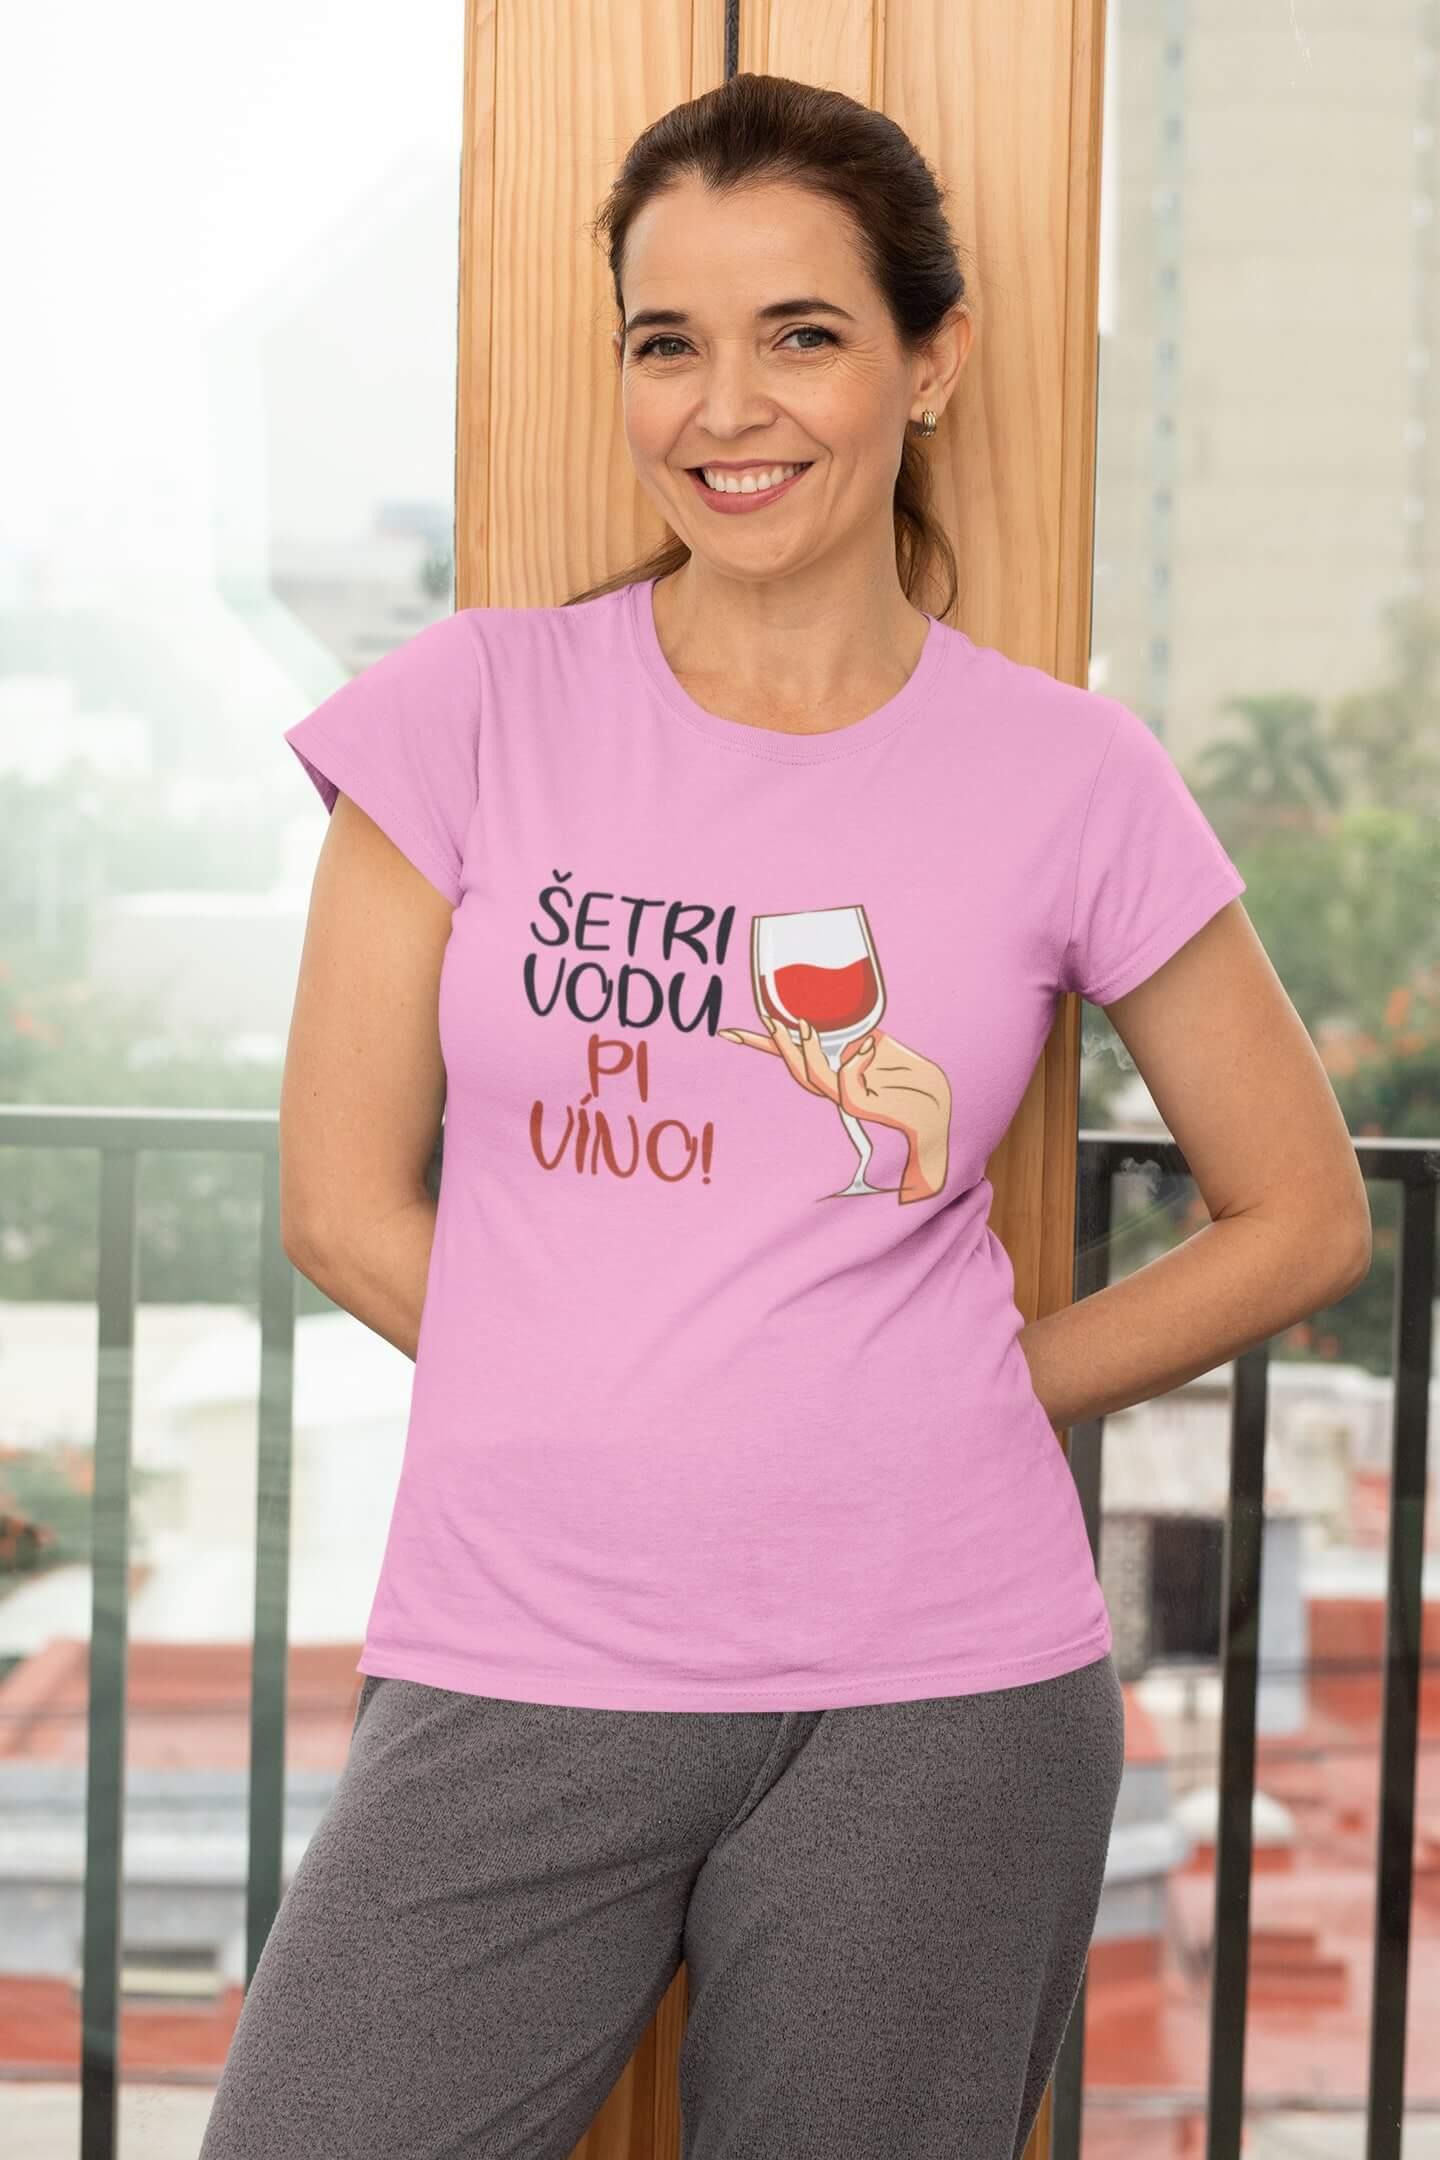 MMO Dámske tričko Pi víno! Vyberte farbu: Ružová, Vyberte veľkosť: L